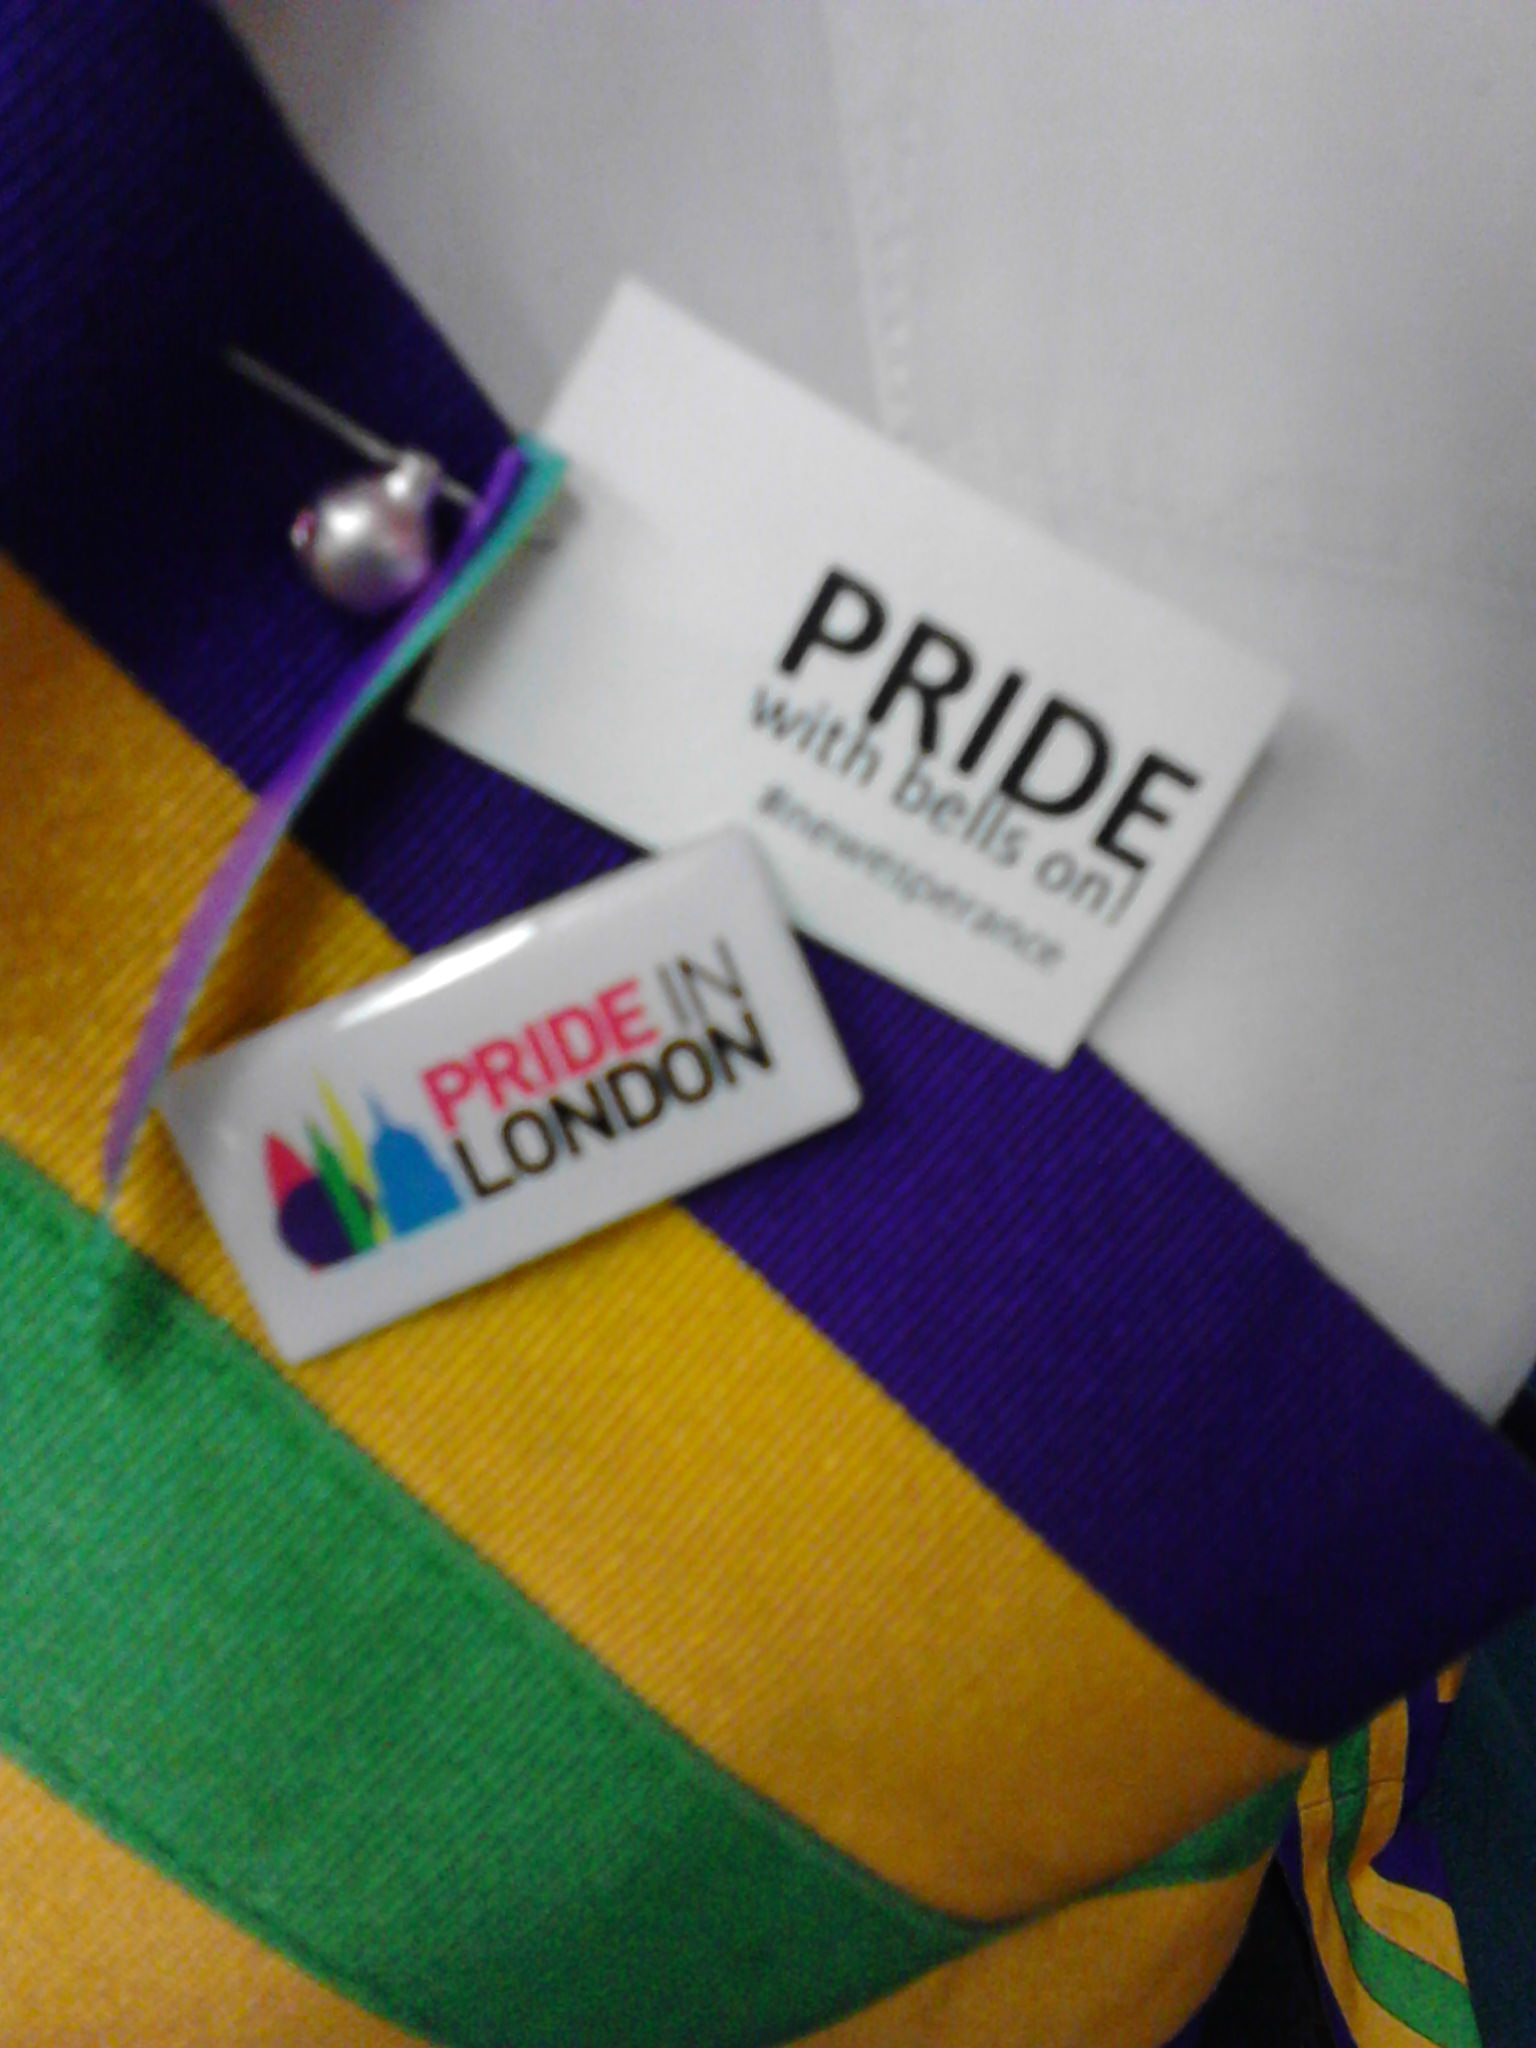 #PrideInLondon, pride, bells, LGBTQ, Morris dancing